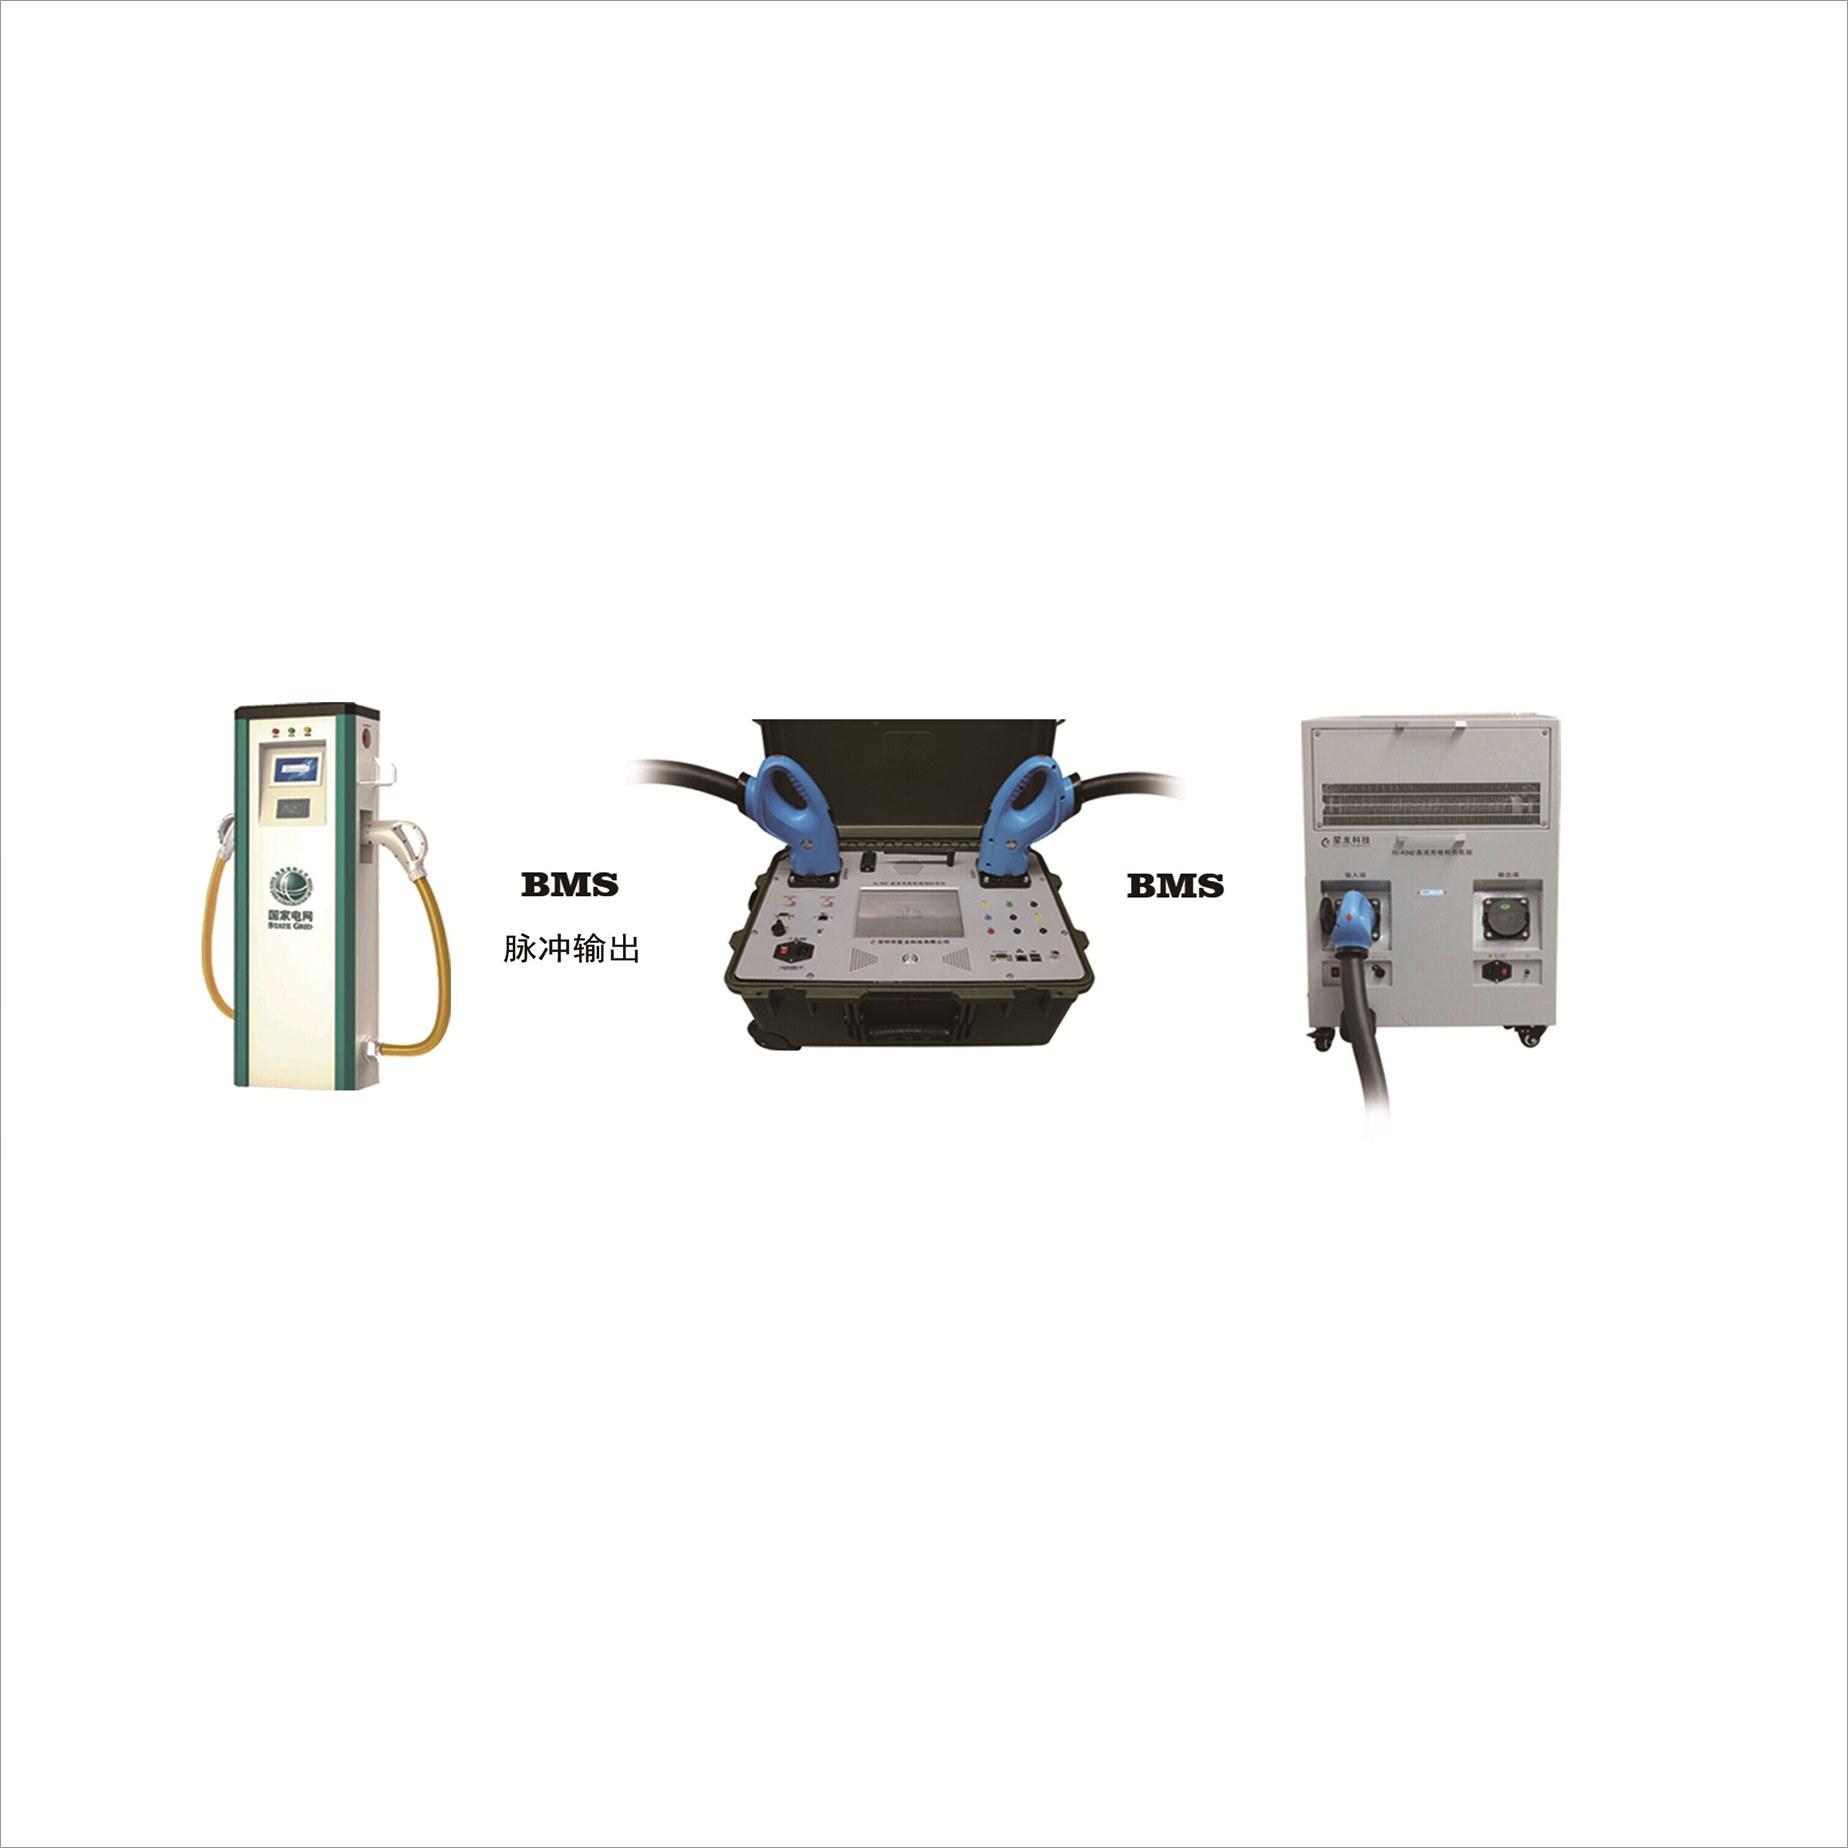 充电桩检测设备哪家好 深圳市星龙科技高清图片